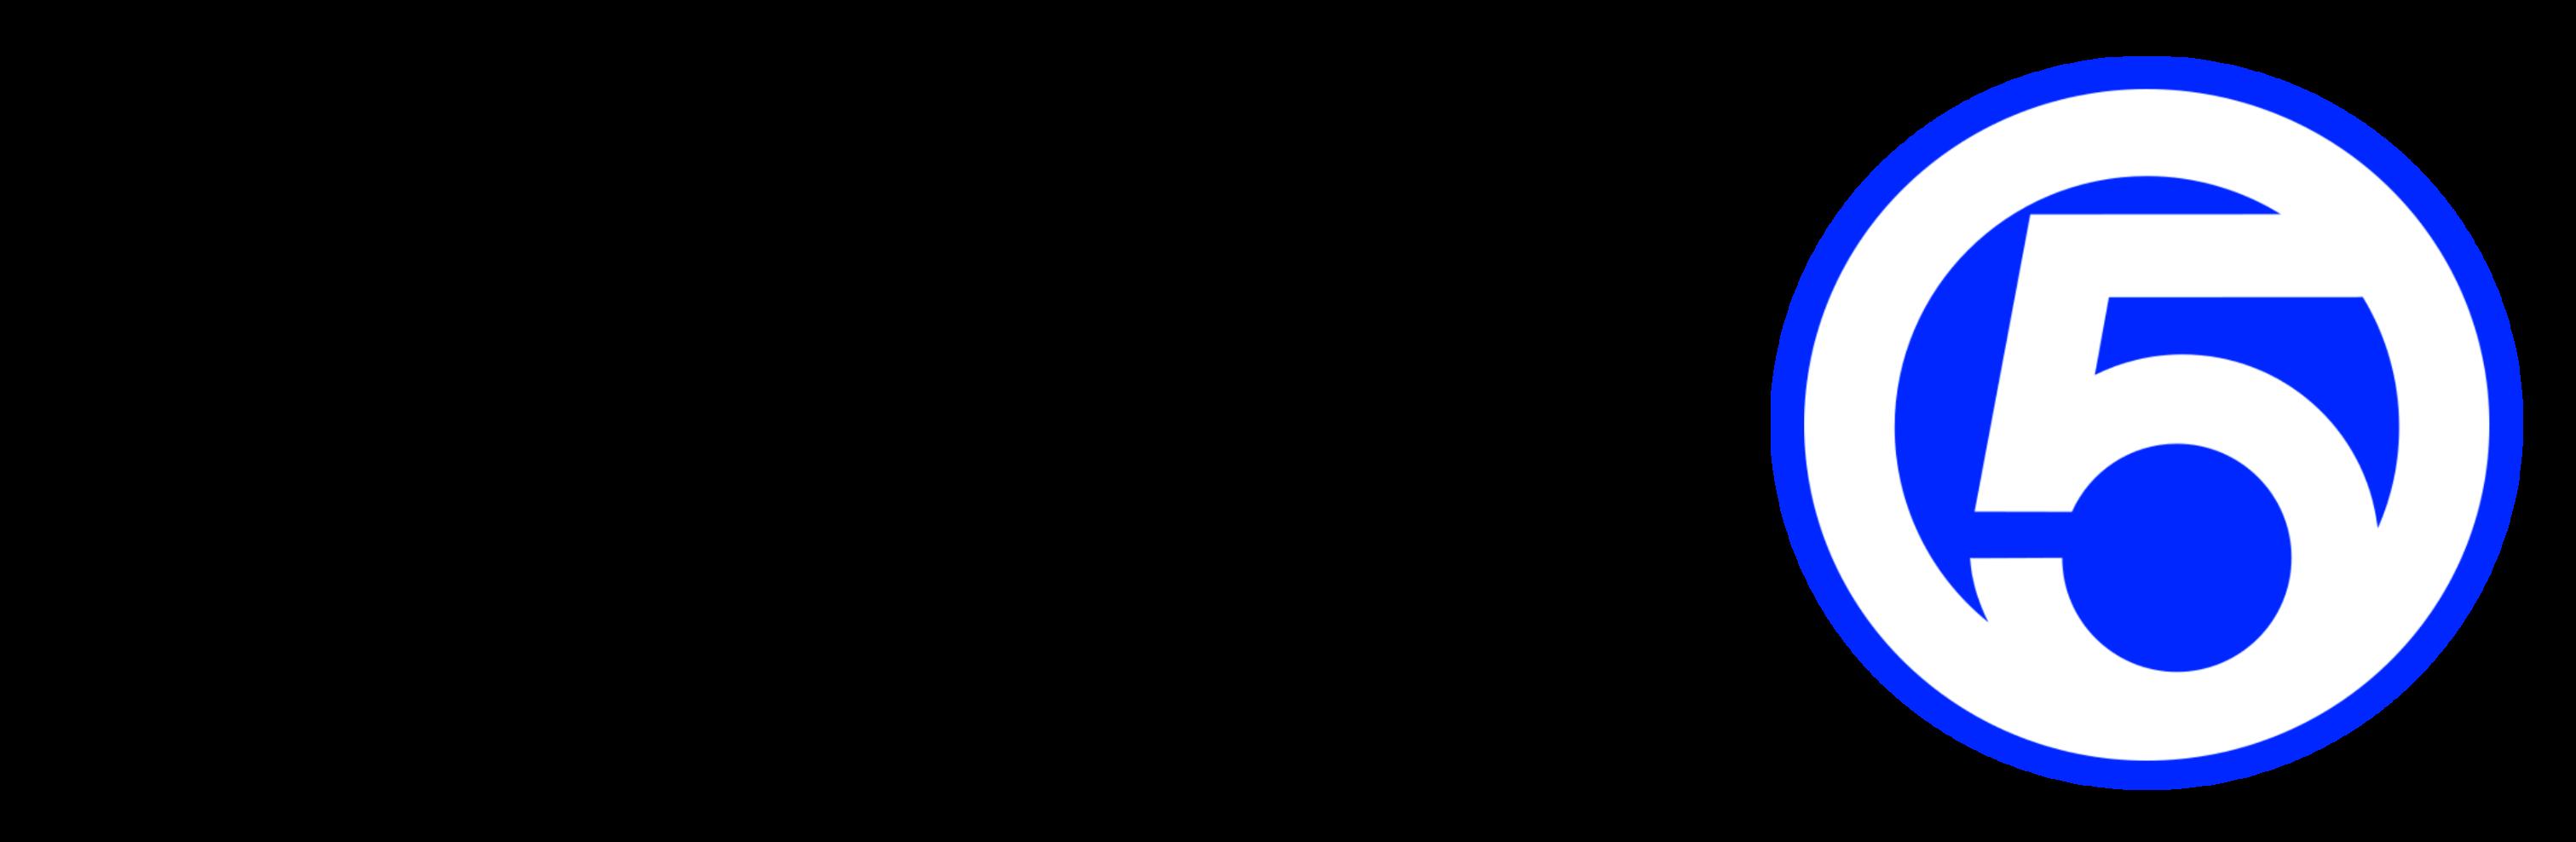 AlternateHistory.com's WRAI logo #1.png